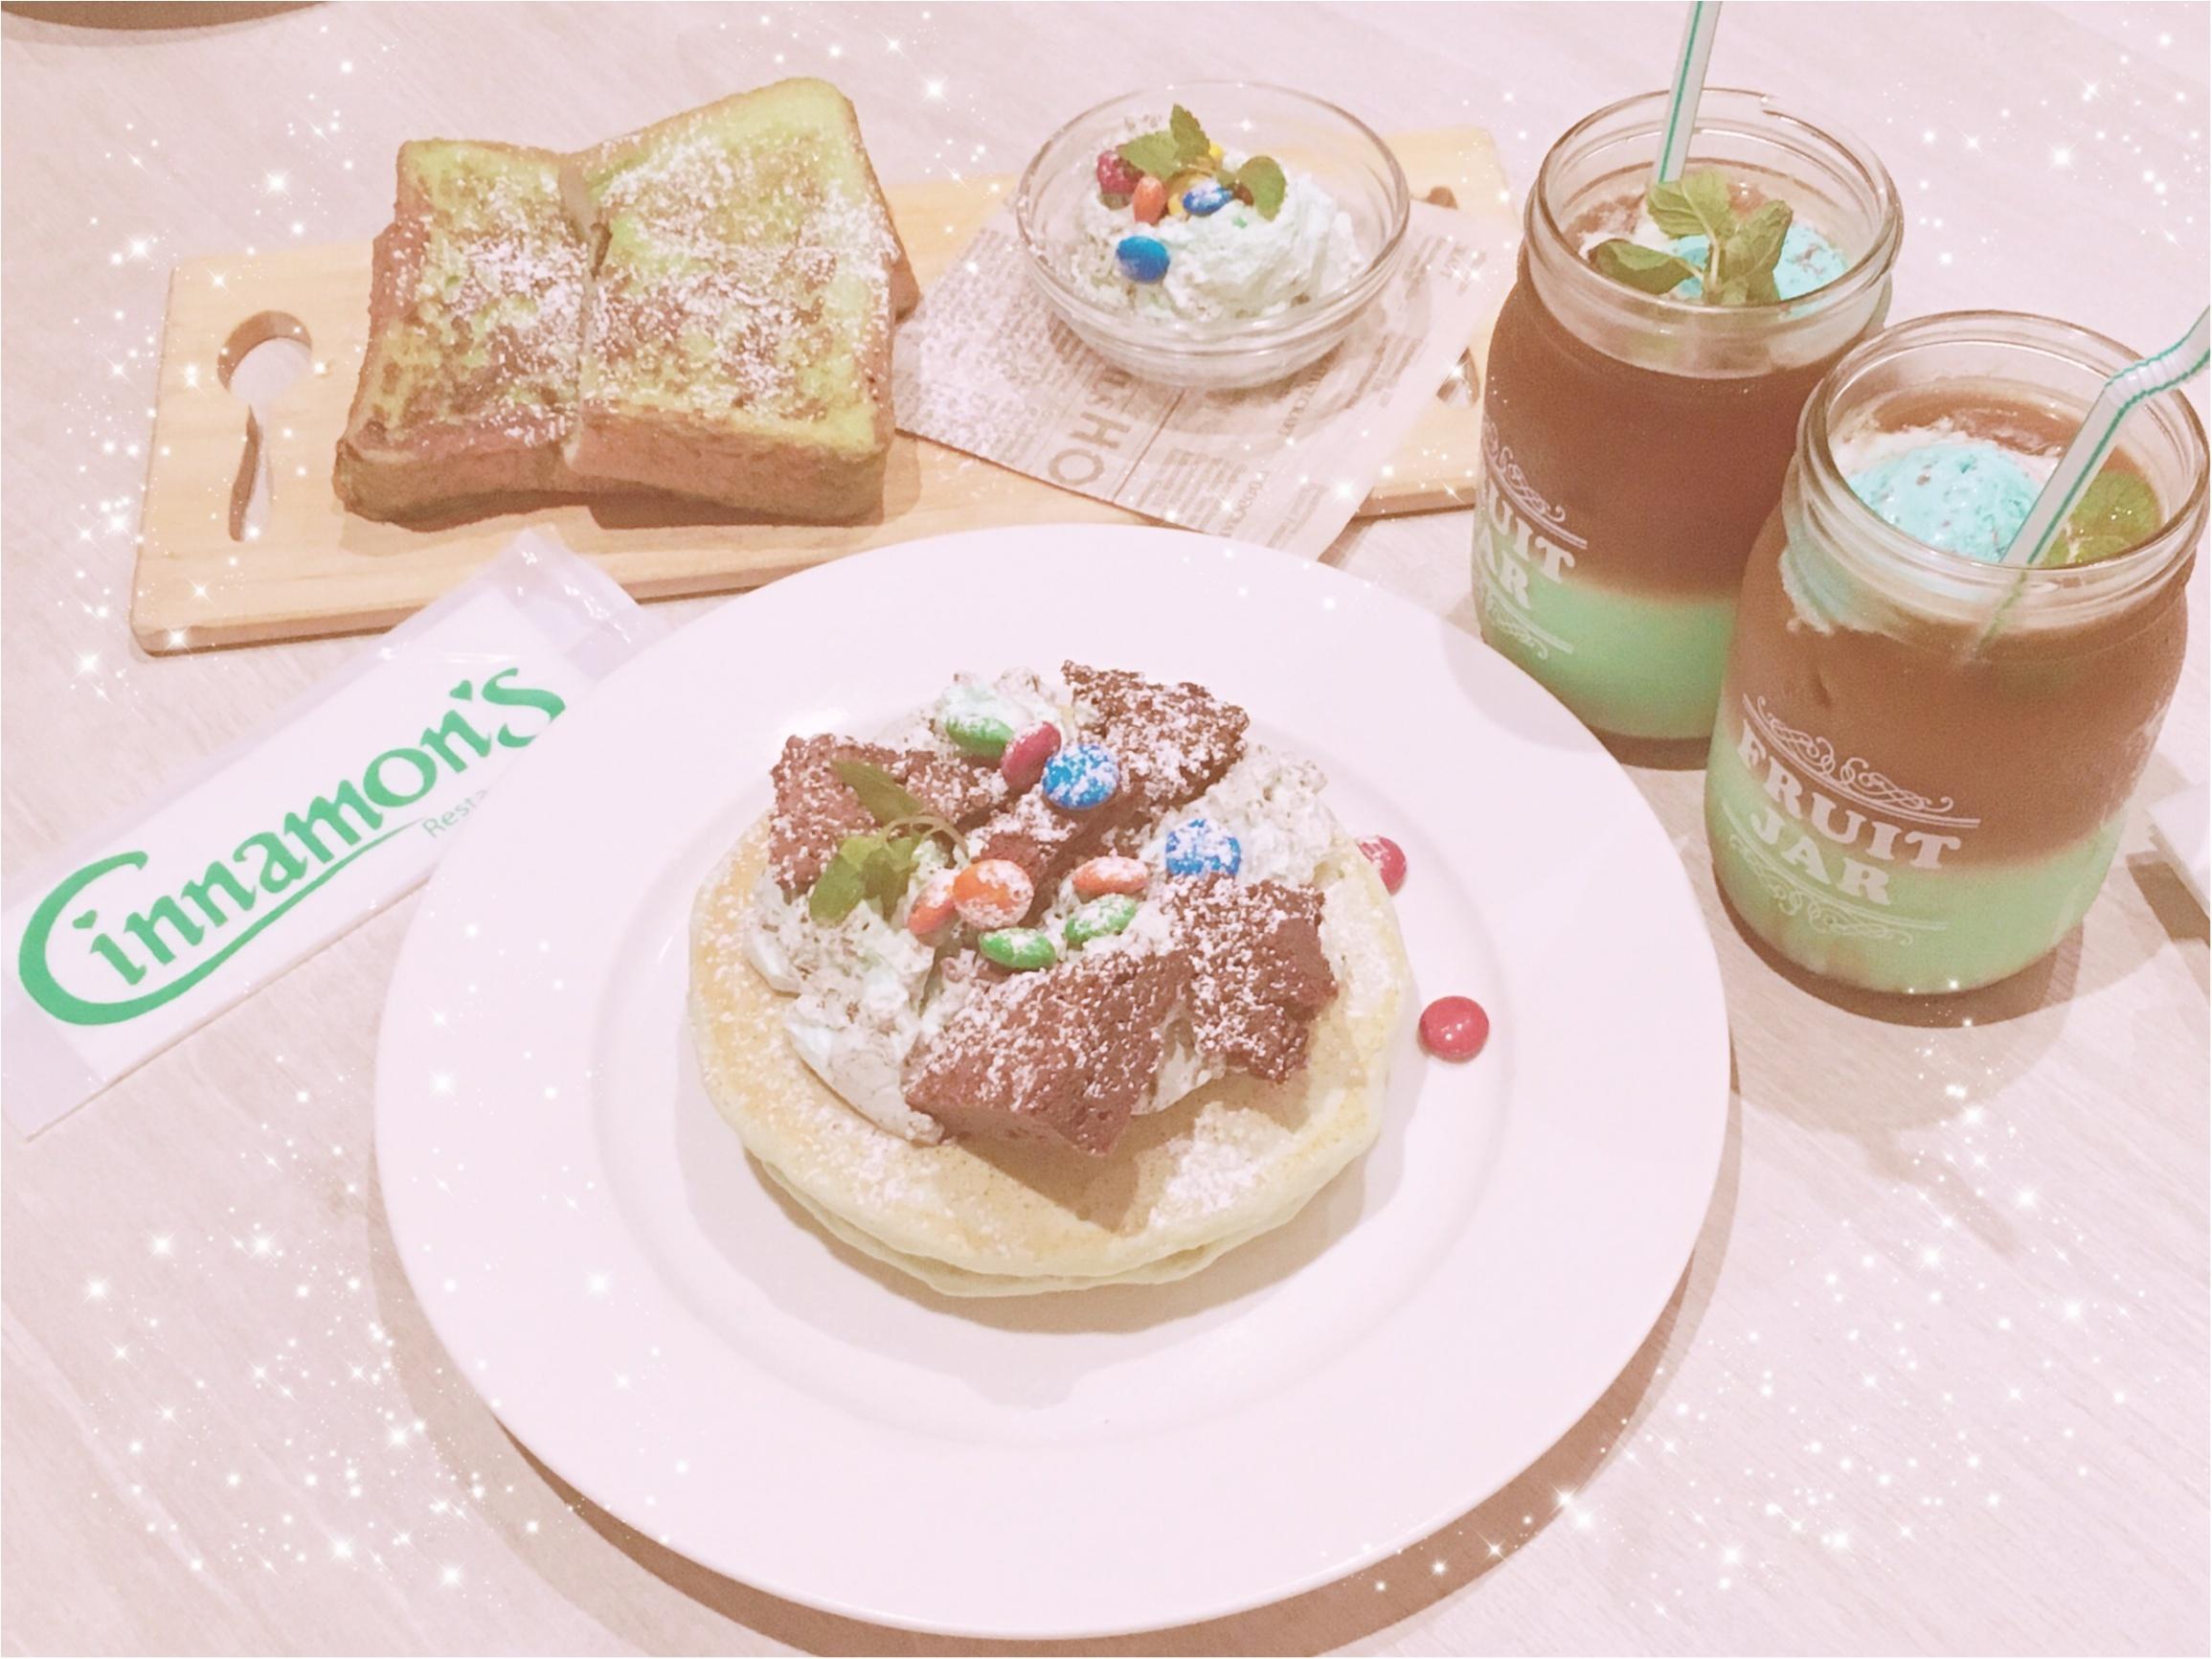 #チョコミン党 活動日誌♡横浜Cinnamon's(シナモンズ)でチョコミント祭り開催中‼︎-本日のモアハピ女子会-_4